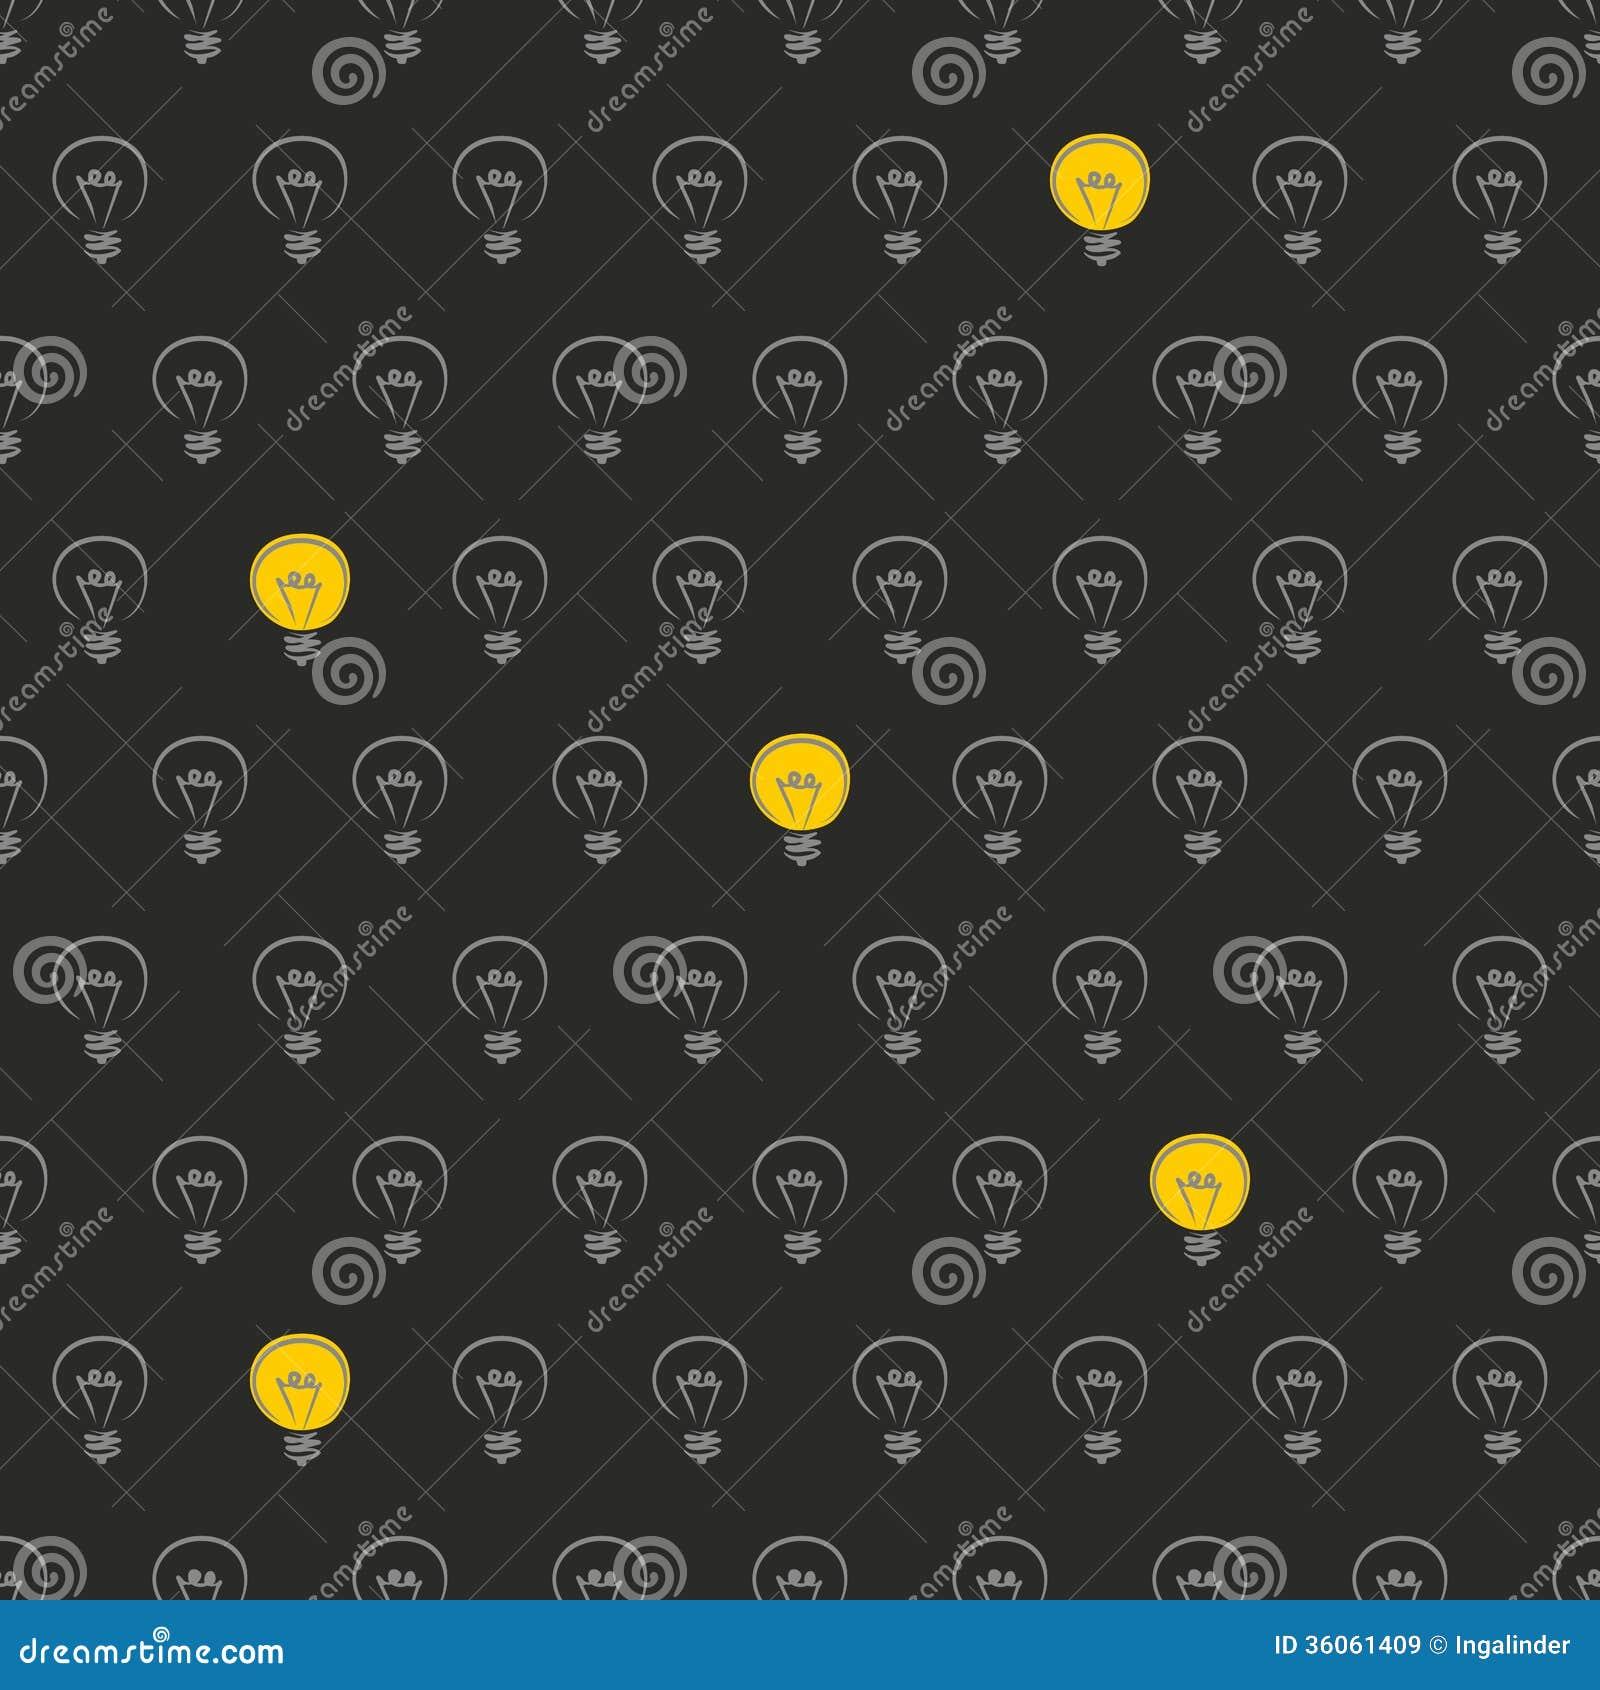 Light Bulb Wallpaper: Seamless Vector Light Bulb On Black Background Pat Royalty